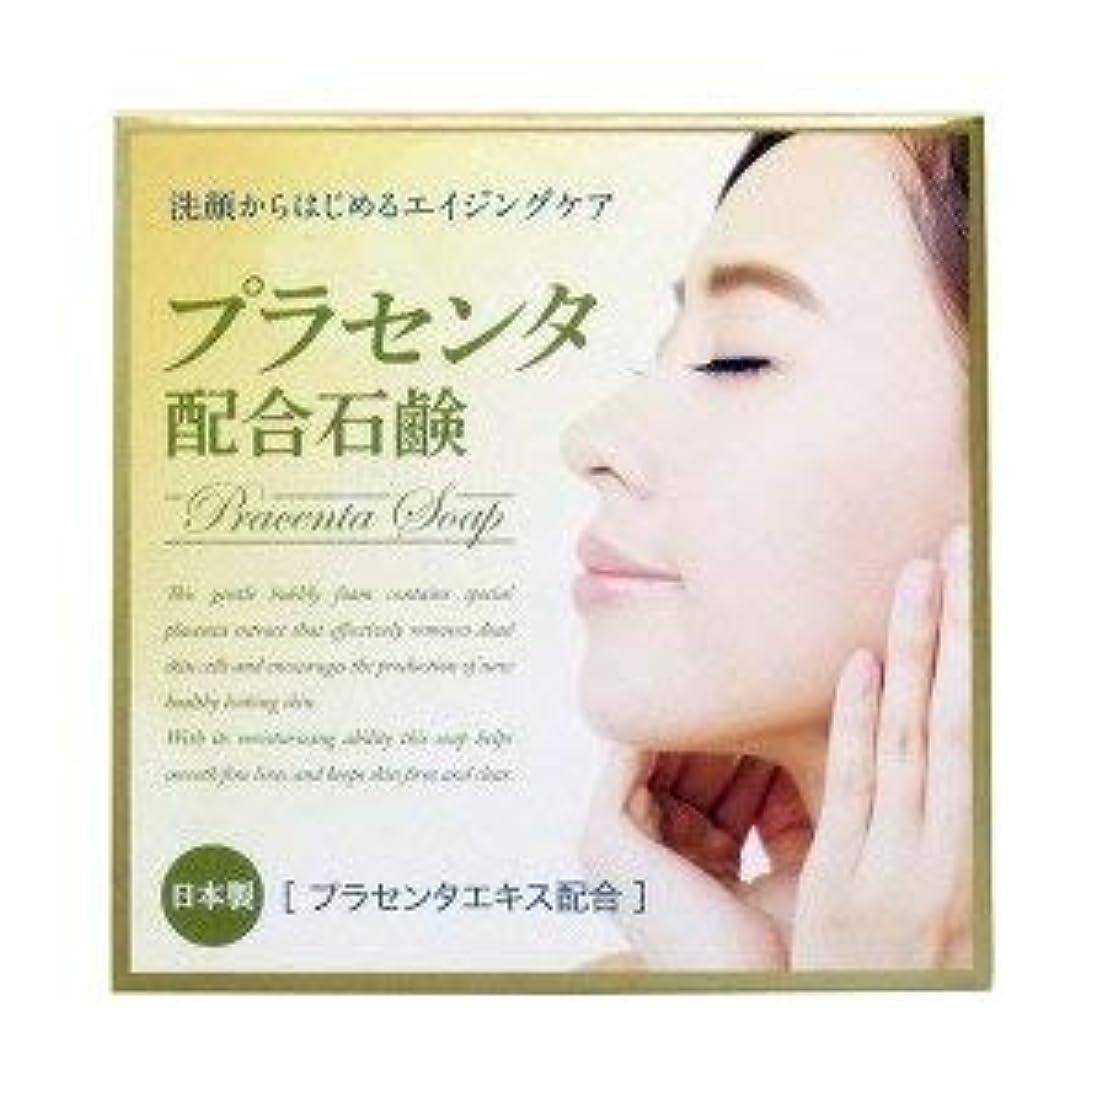 課税生まれ微妙プラセンタ配合石鹸 80g×2 2個1セット プラセンタエキス保湿成分配合 日本製